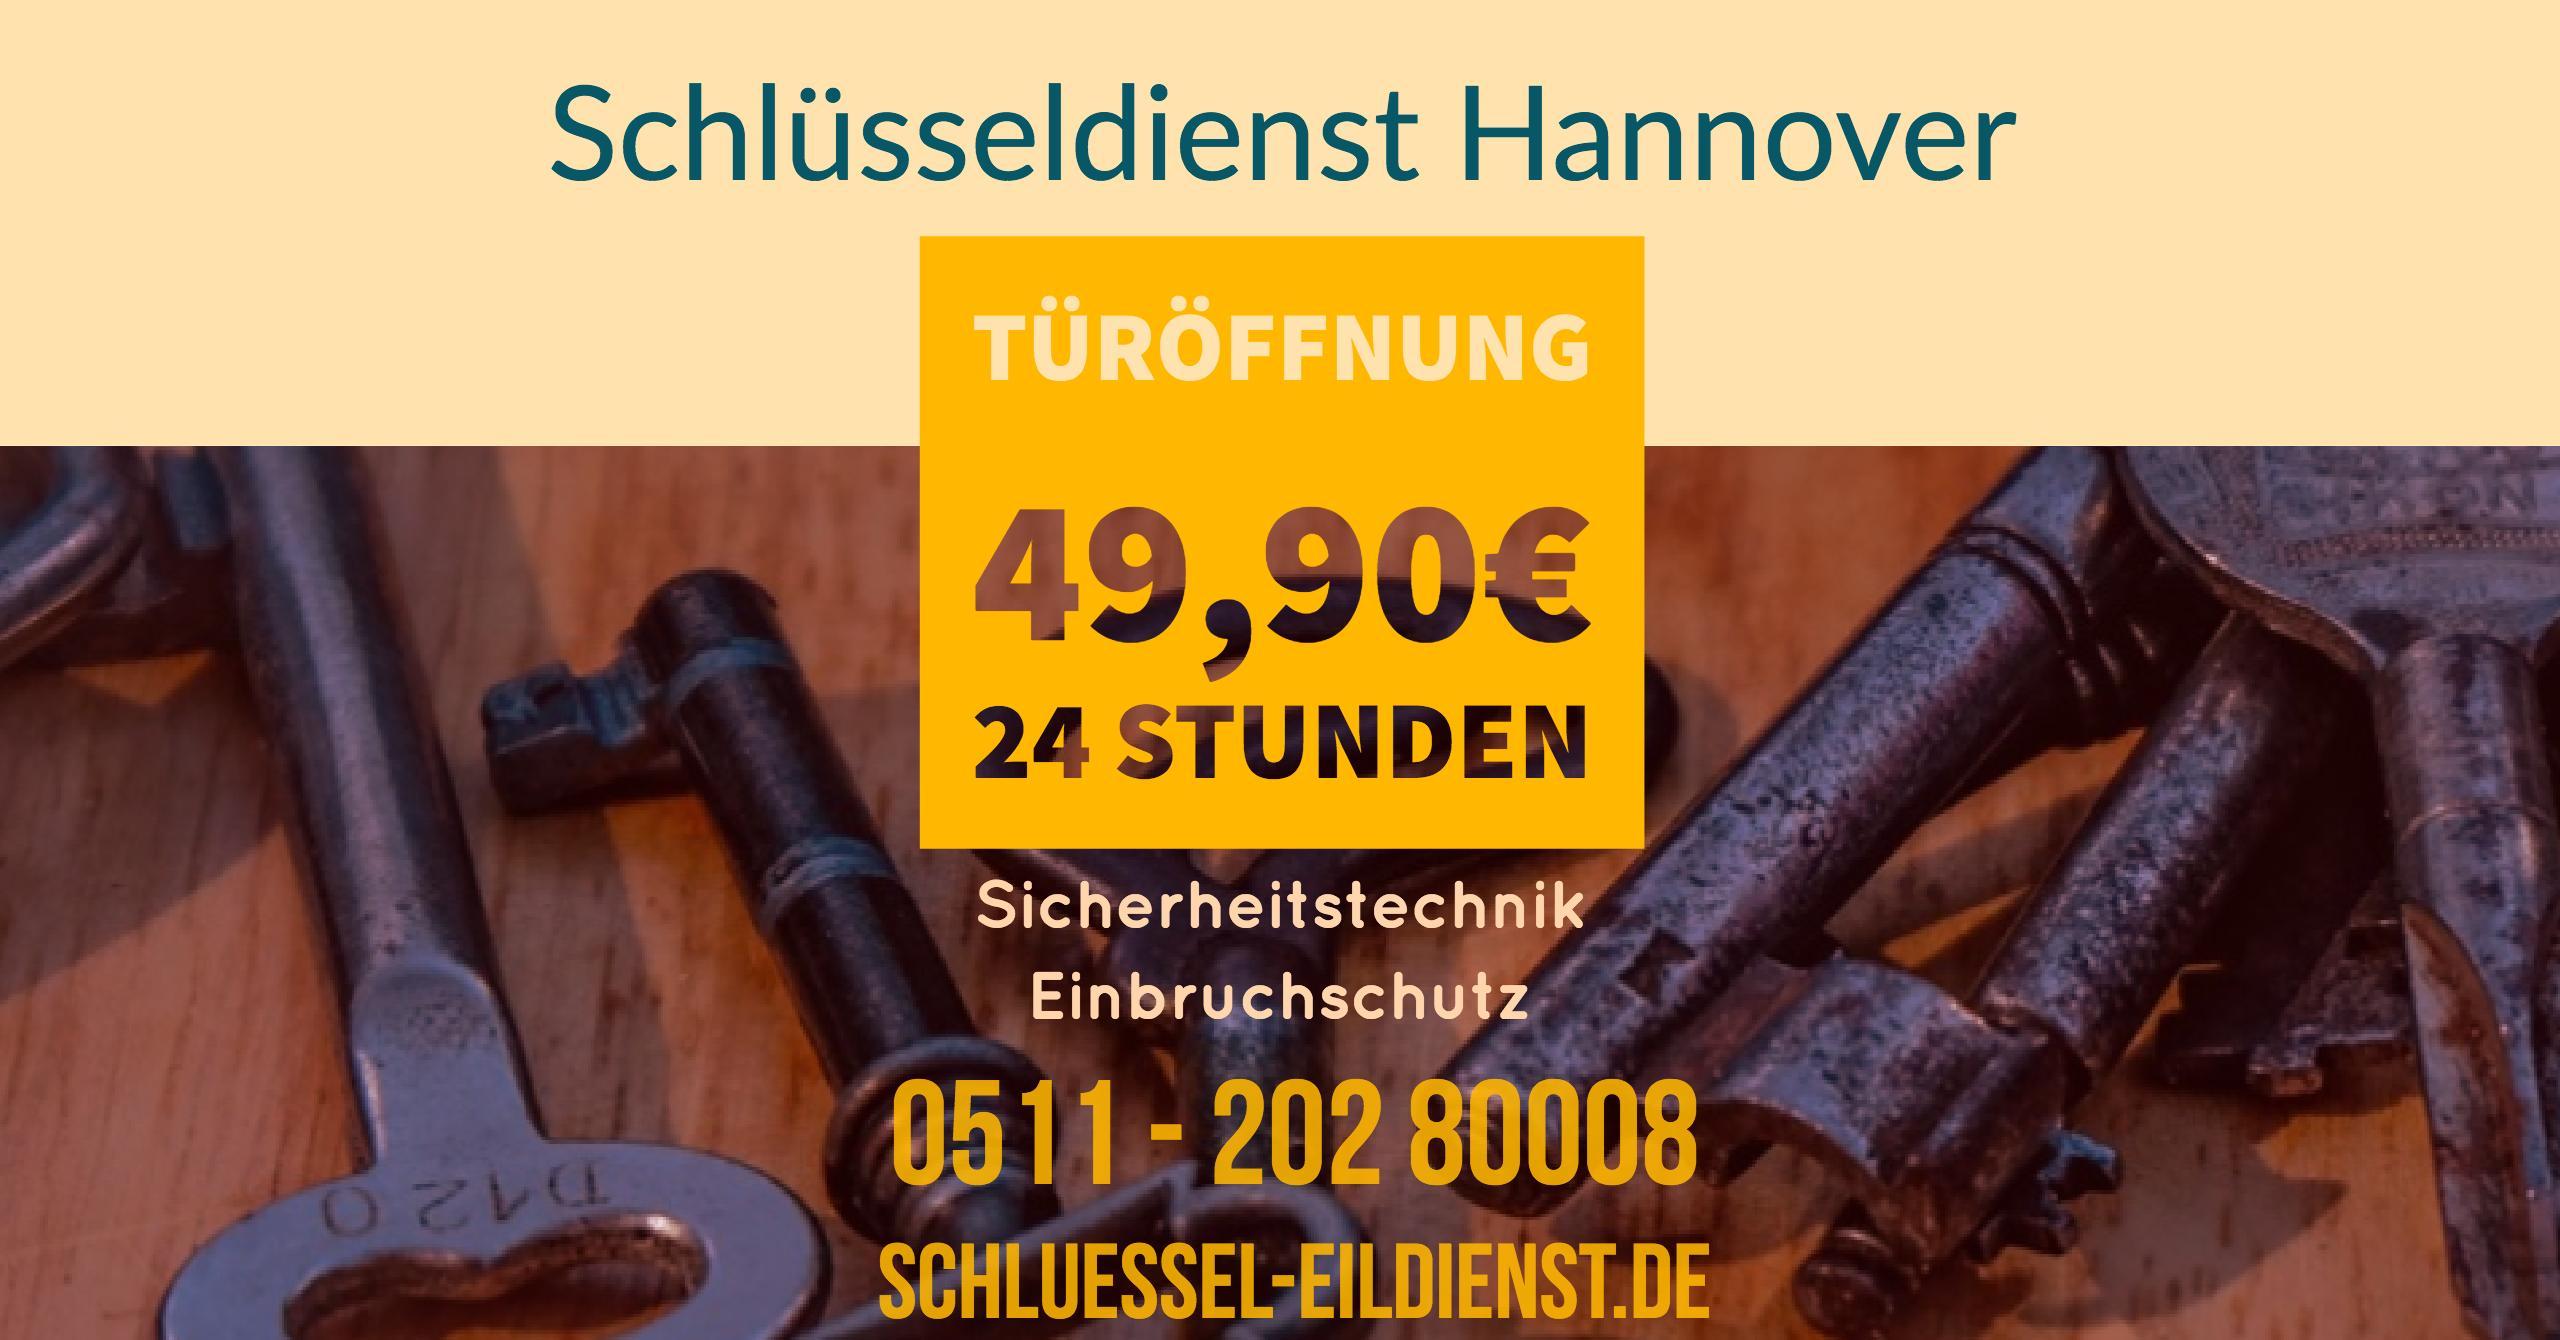 Schluesseldienst Verzeichnis Hannover